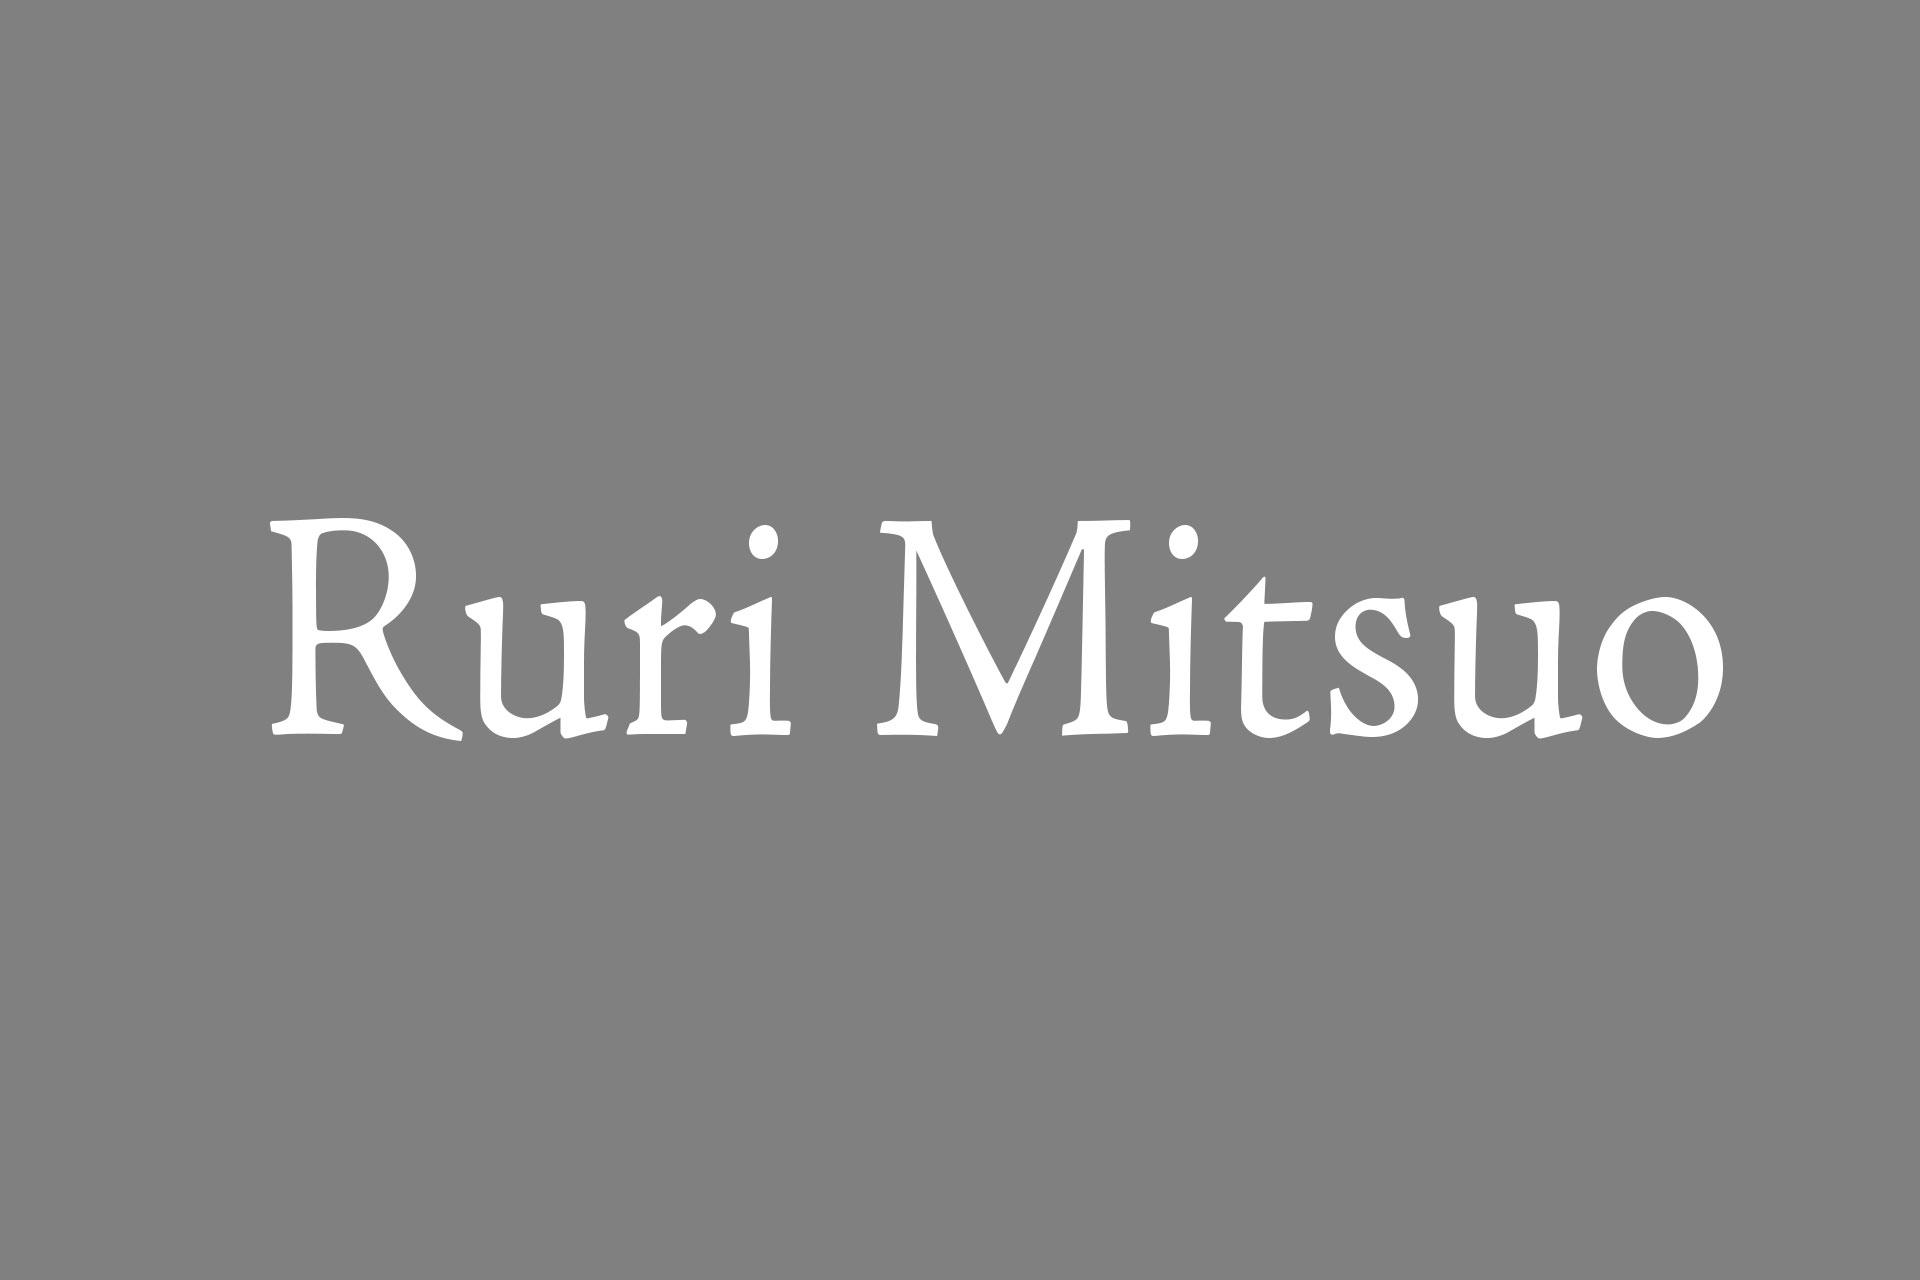 三尾瑠璃 公式ホームページ